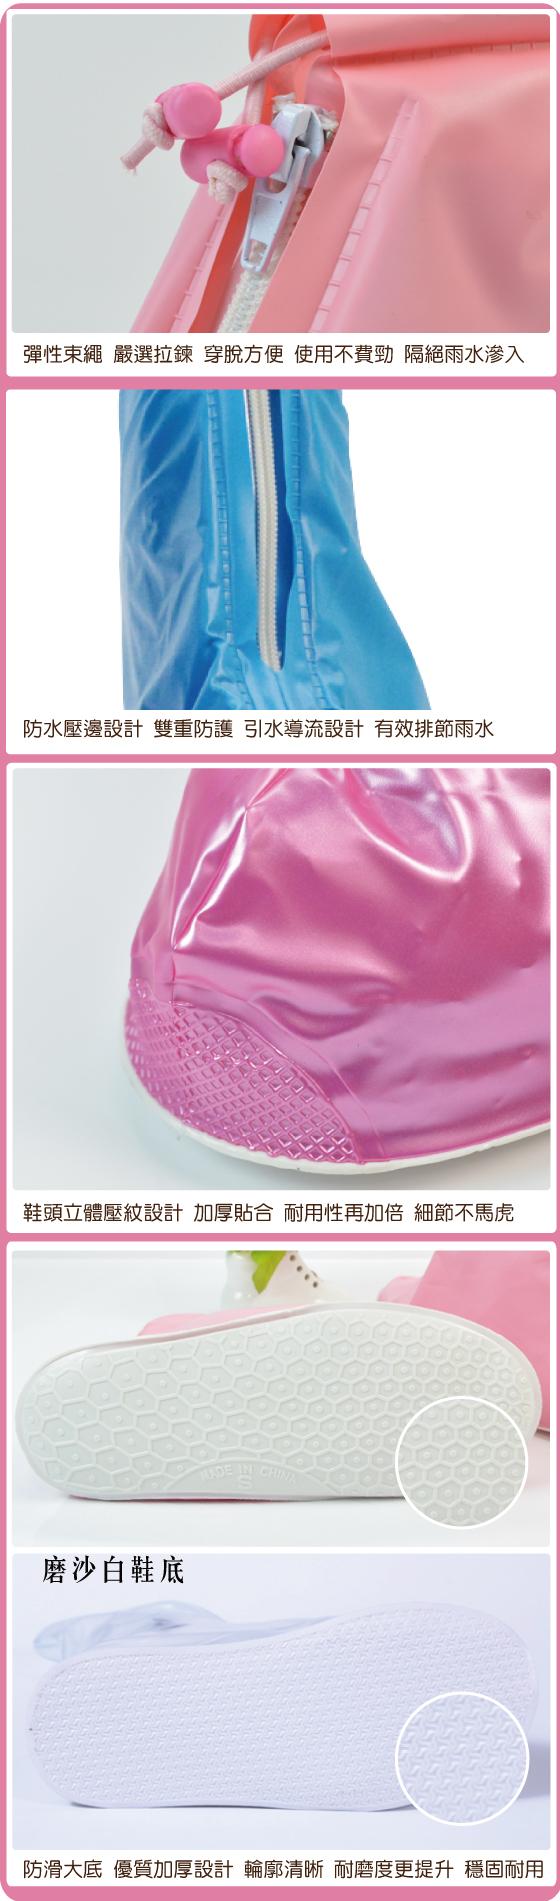 日事鮮彩時尚雨鞋套-06.jpg